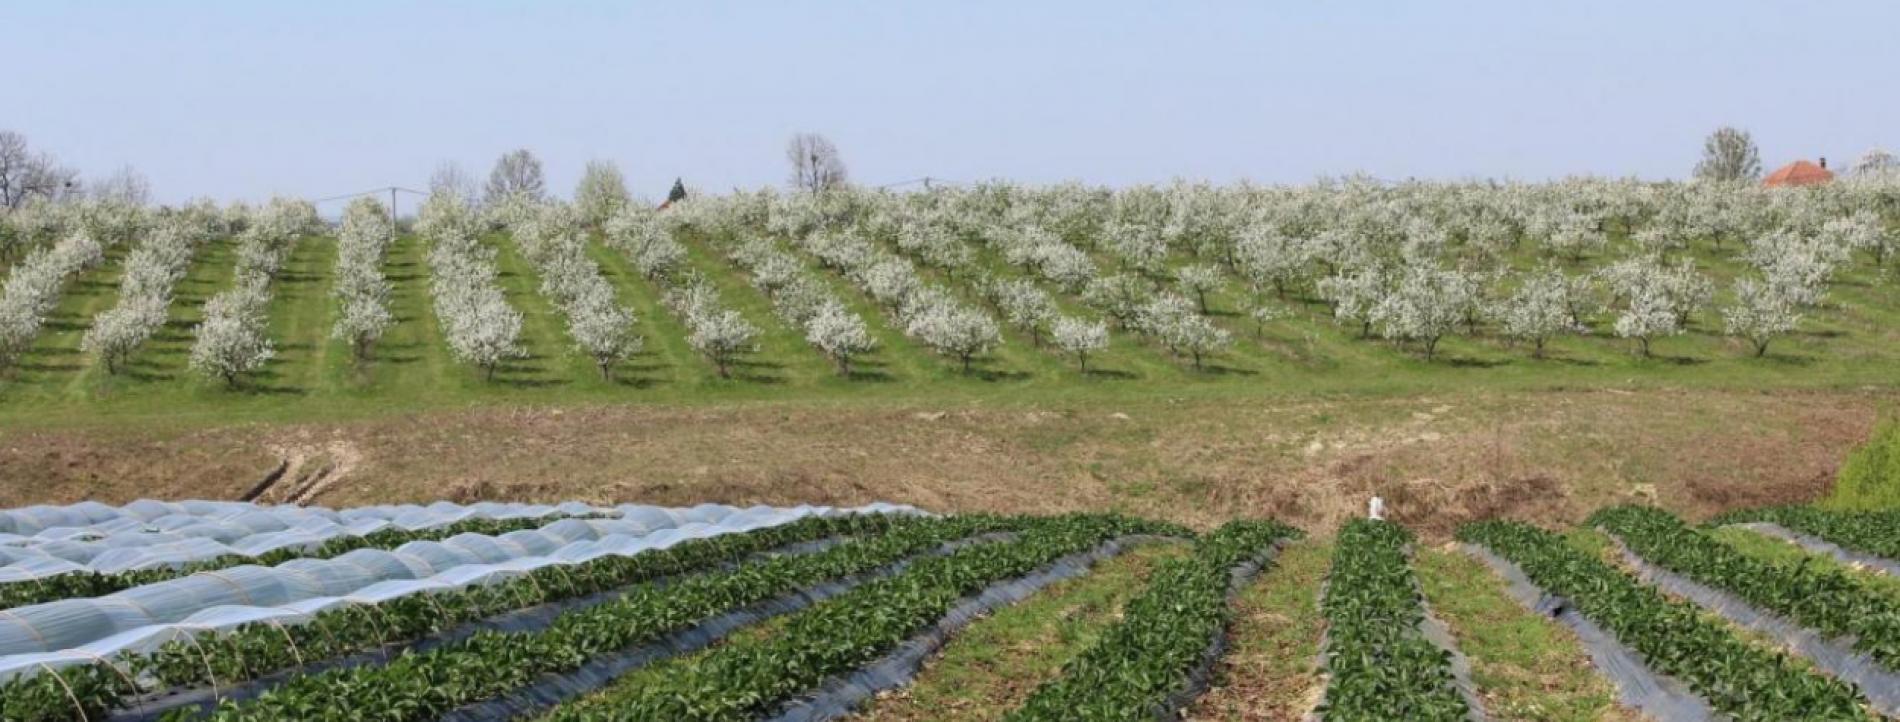 Bosnaplod od domaćih proizvođača otkupio 4.000 tona voća